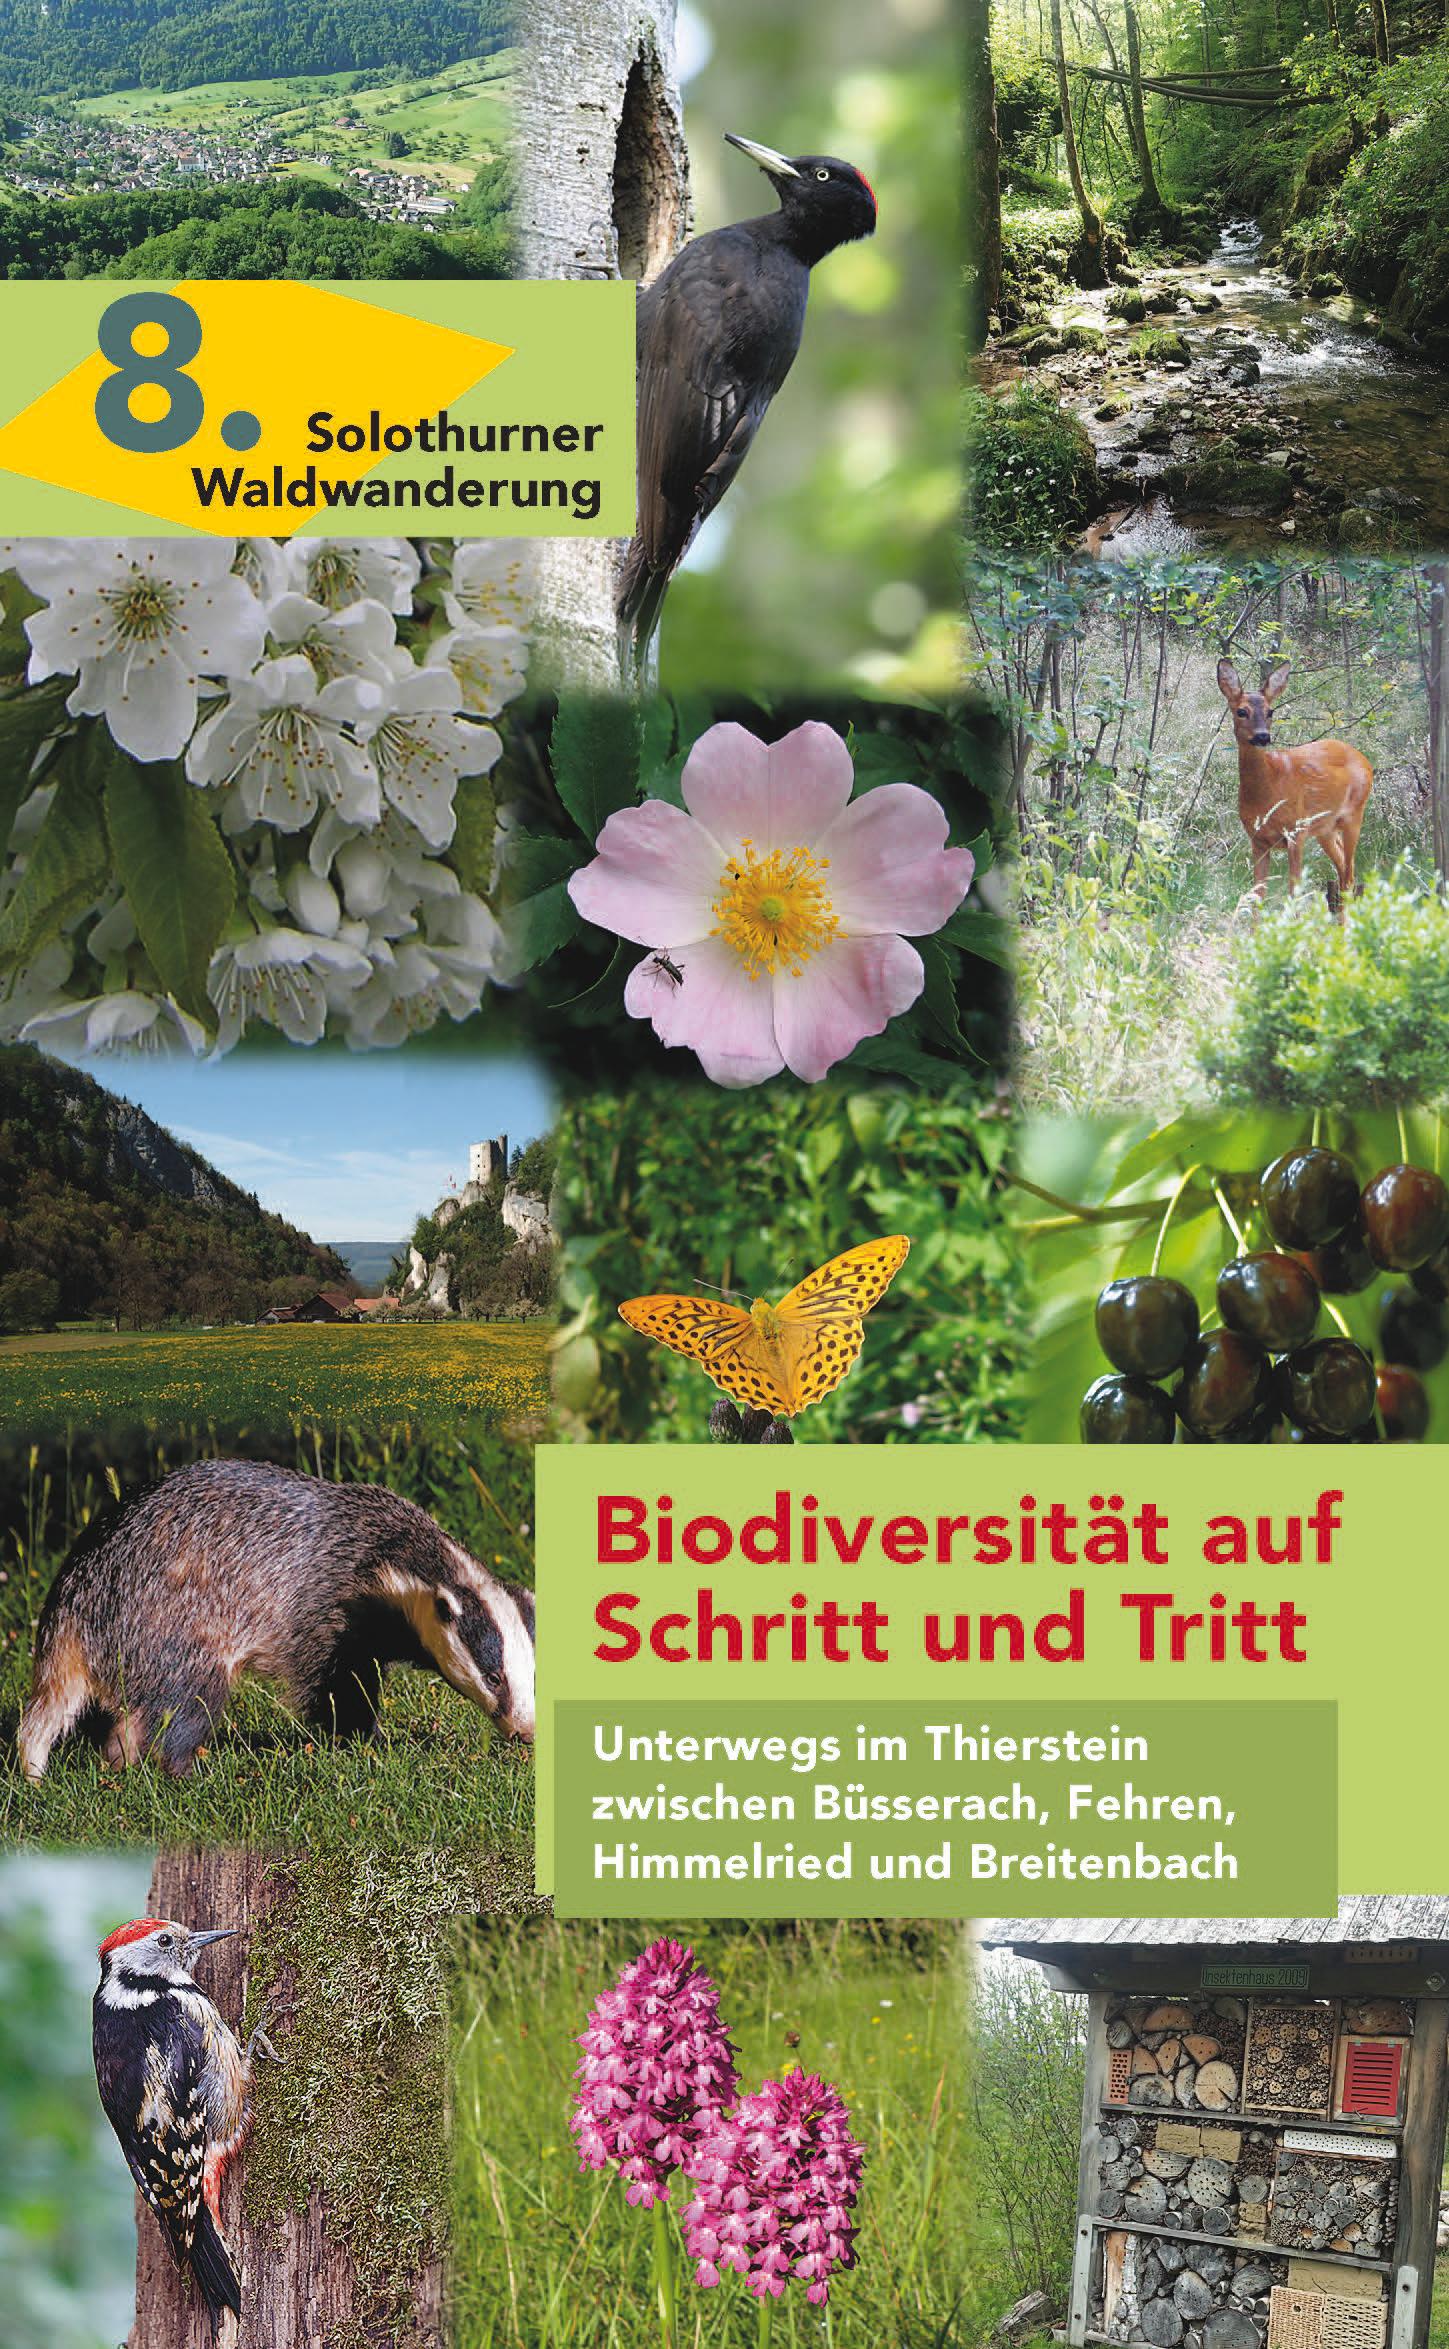 8. Biodiversität auf Schritt und Tritt